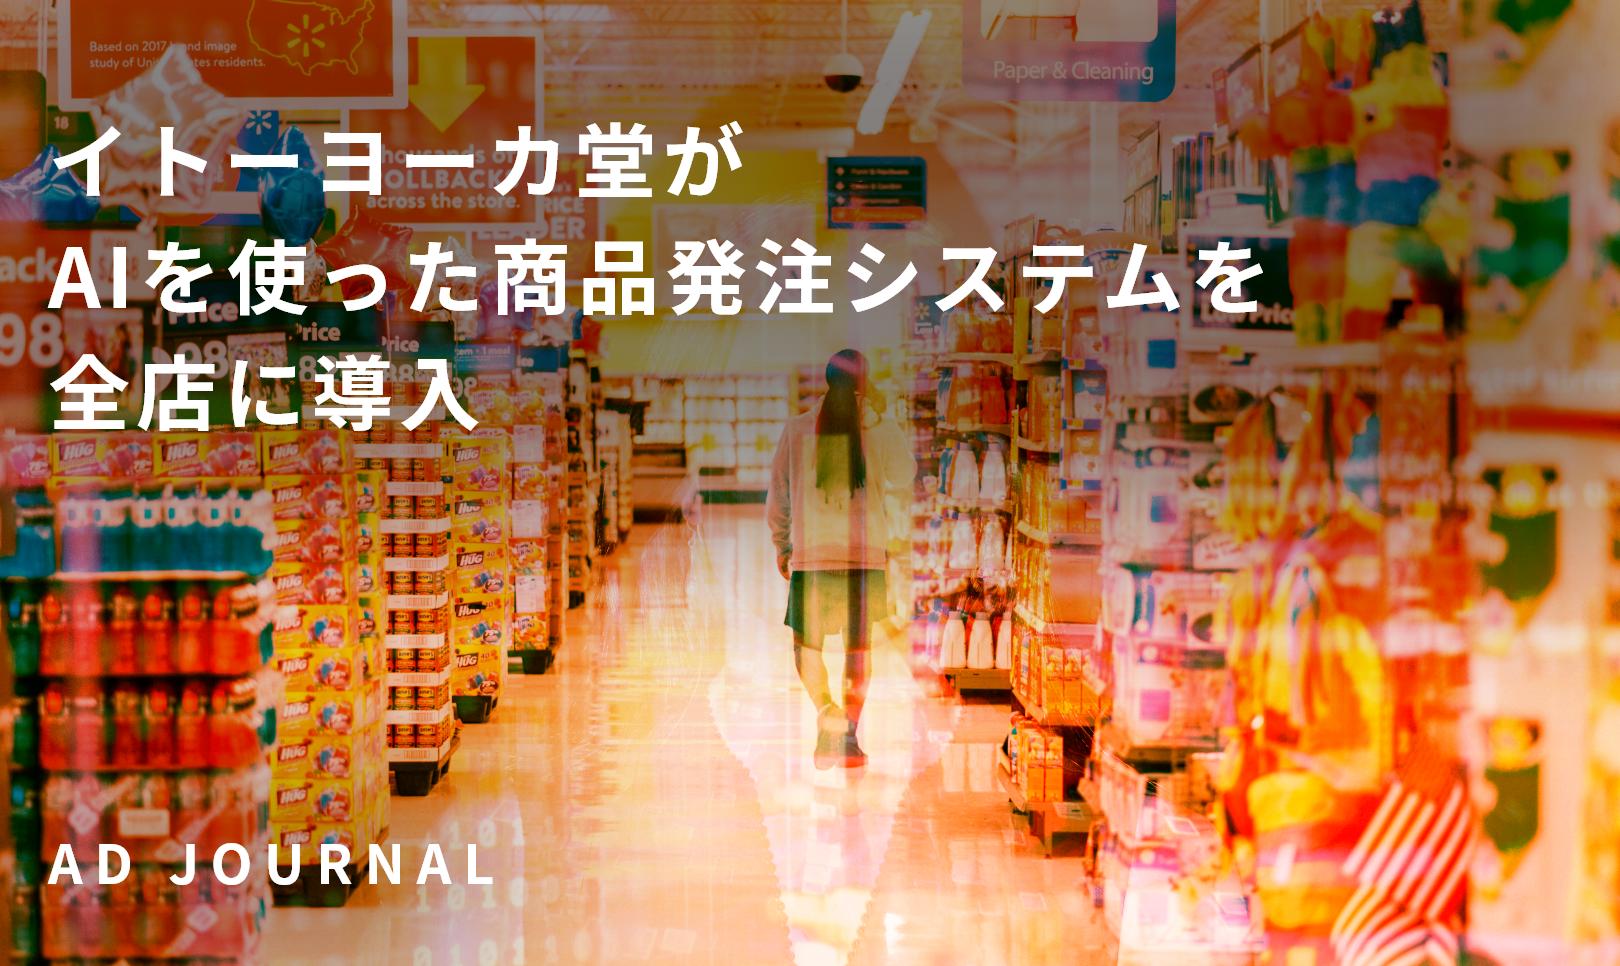 イトーヨーカ堂がAIを使った商品発注システムを全店に導入